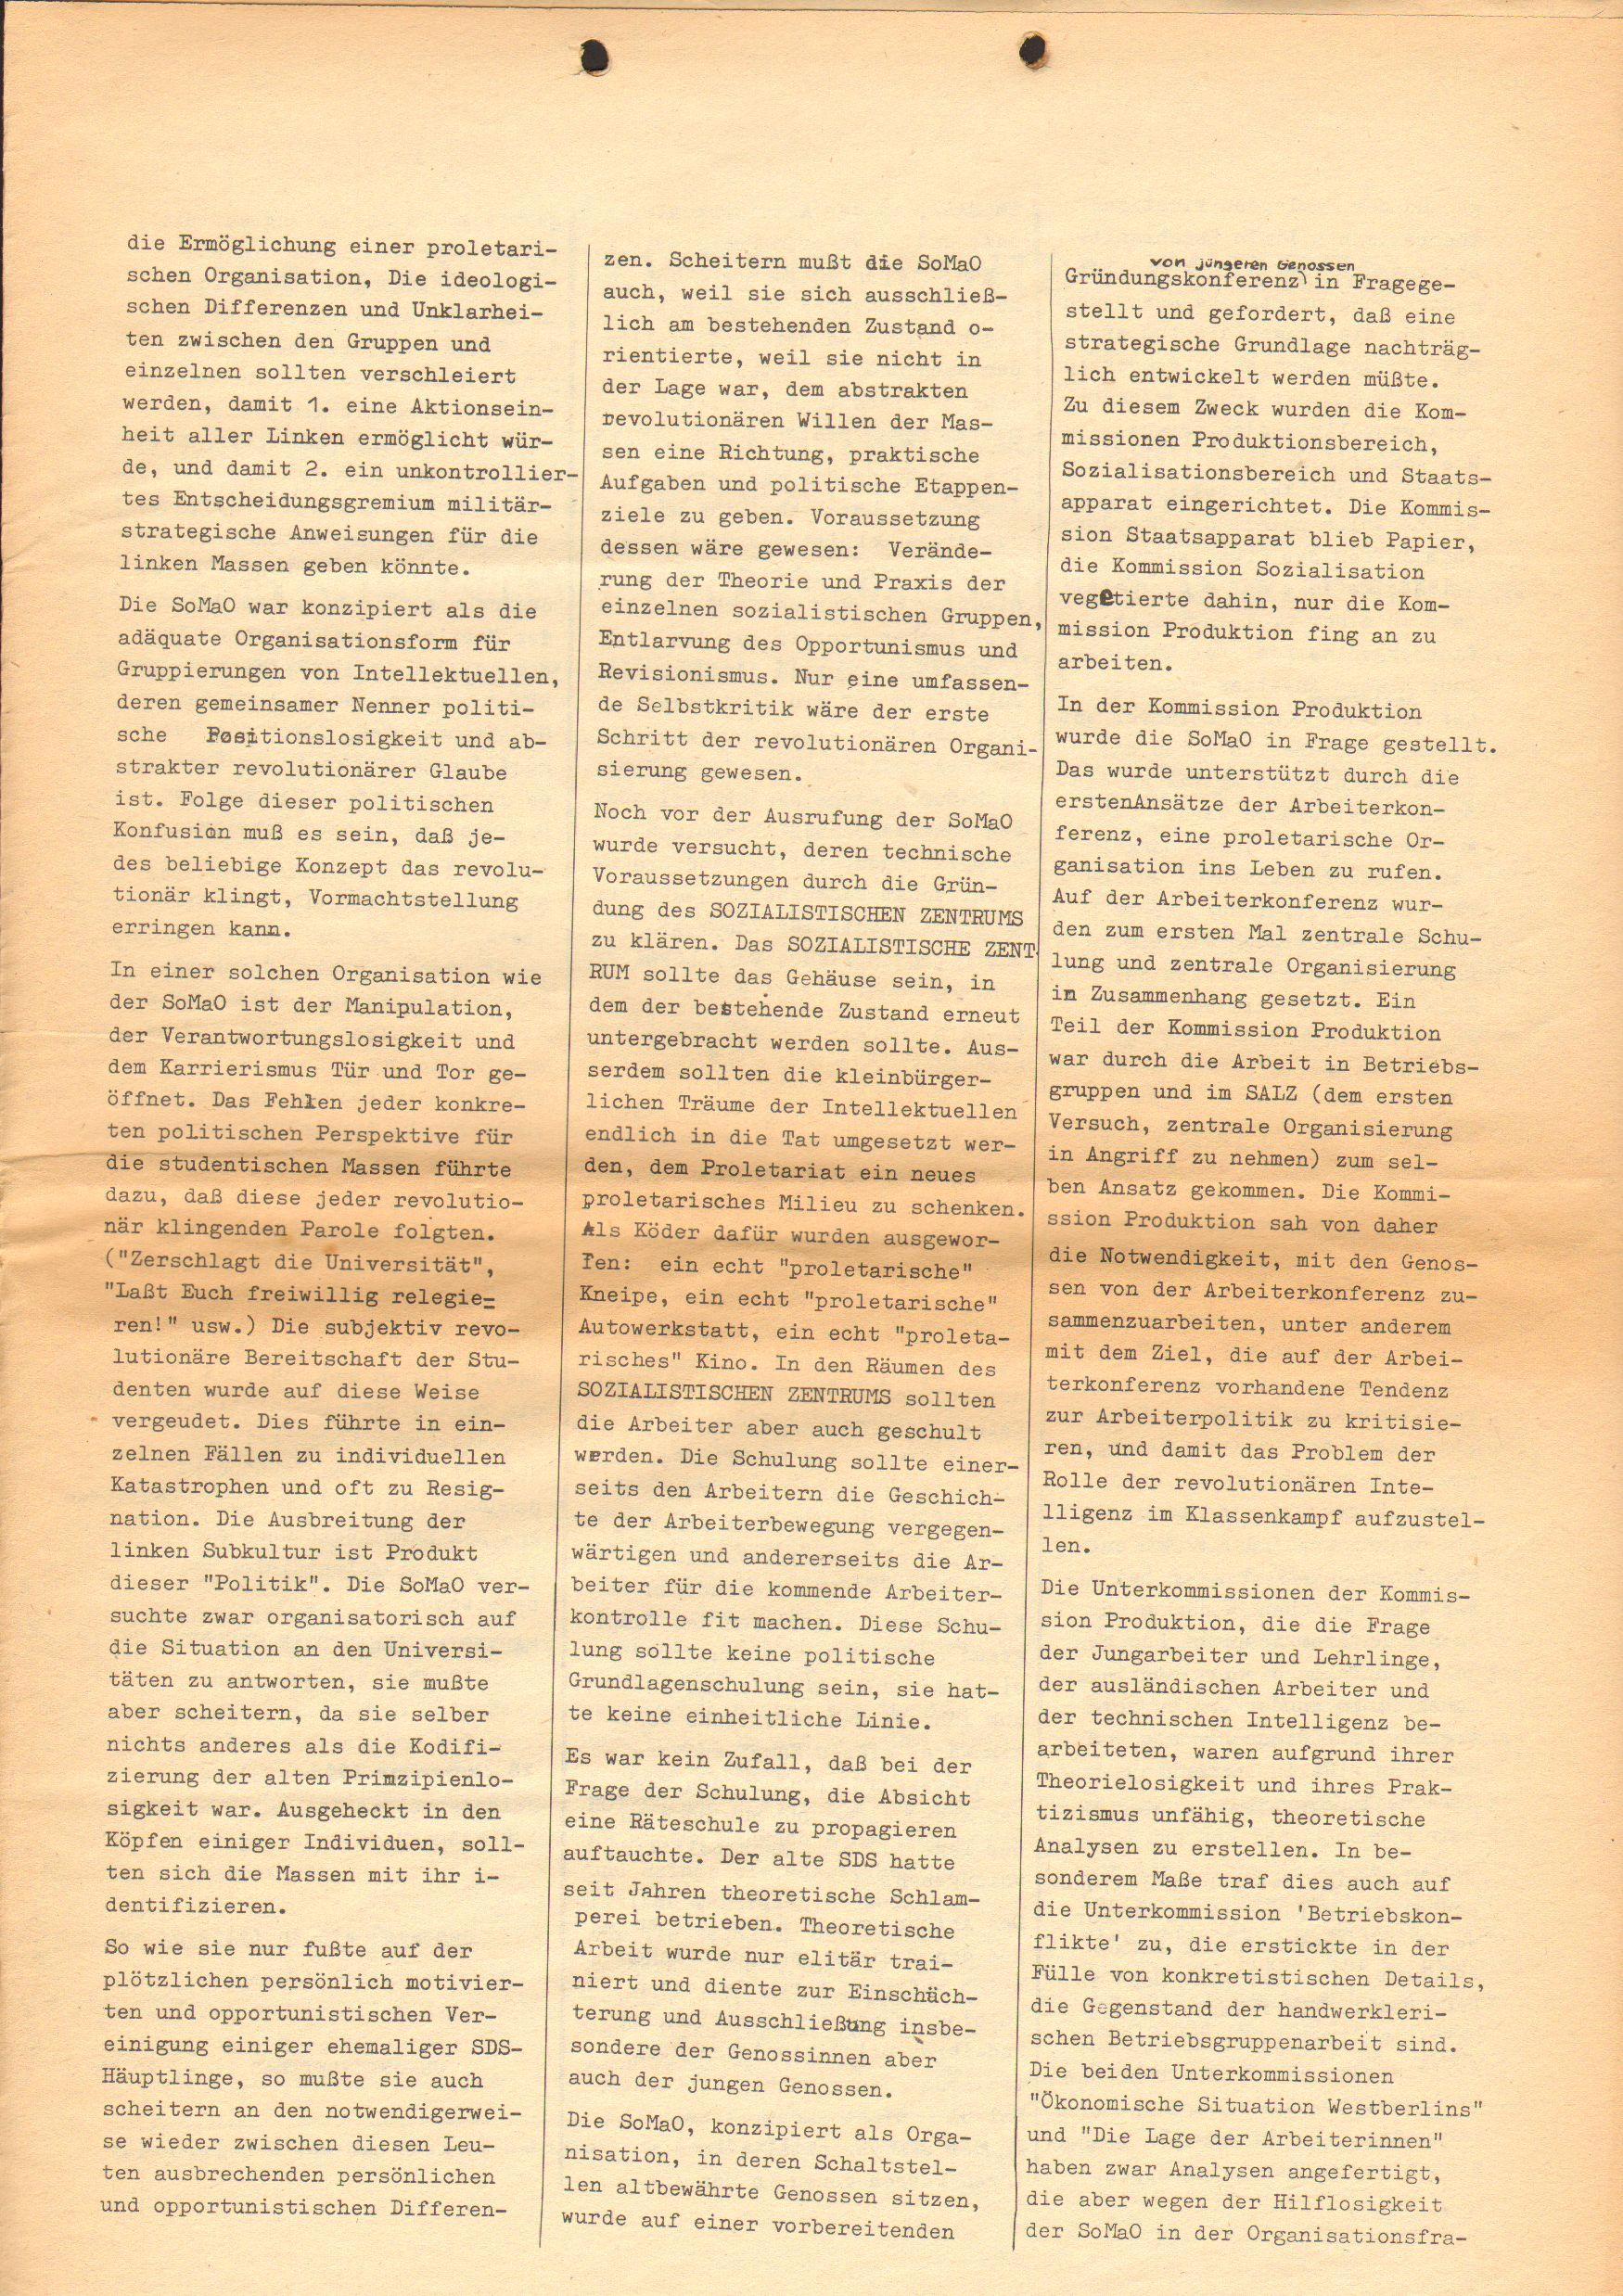 MLWestberlin_1969_Kampf_zweier_Linien_07